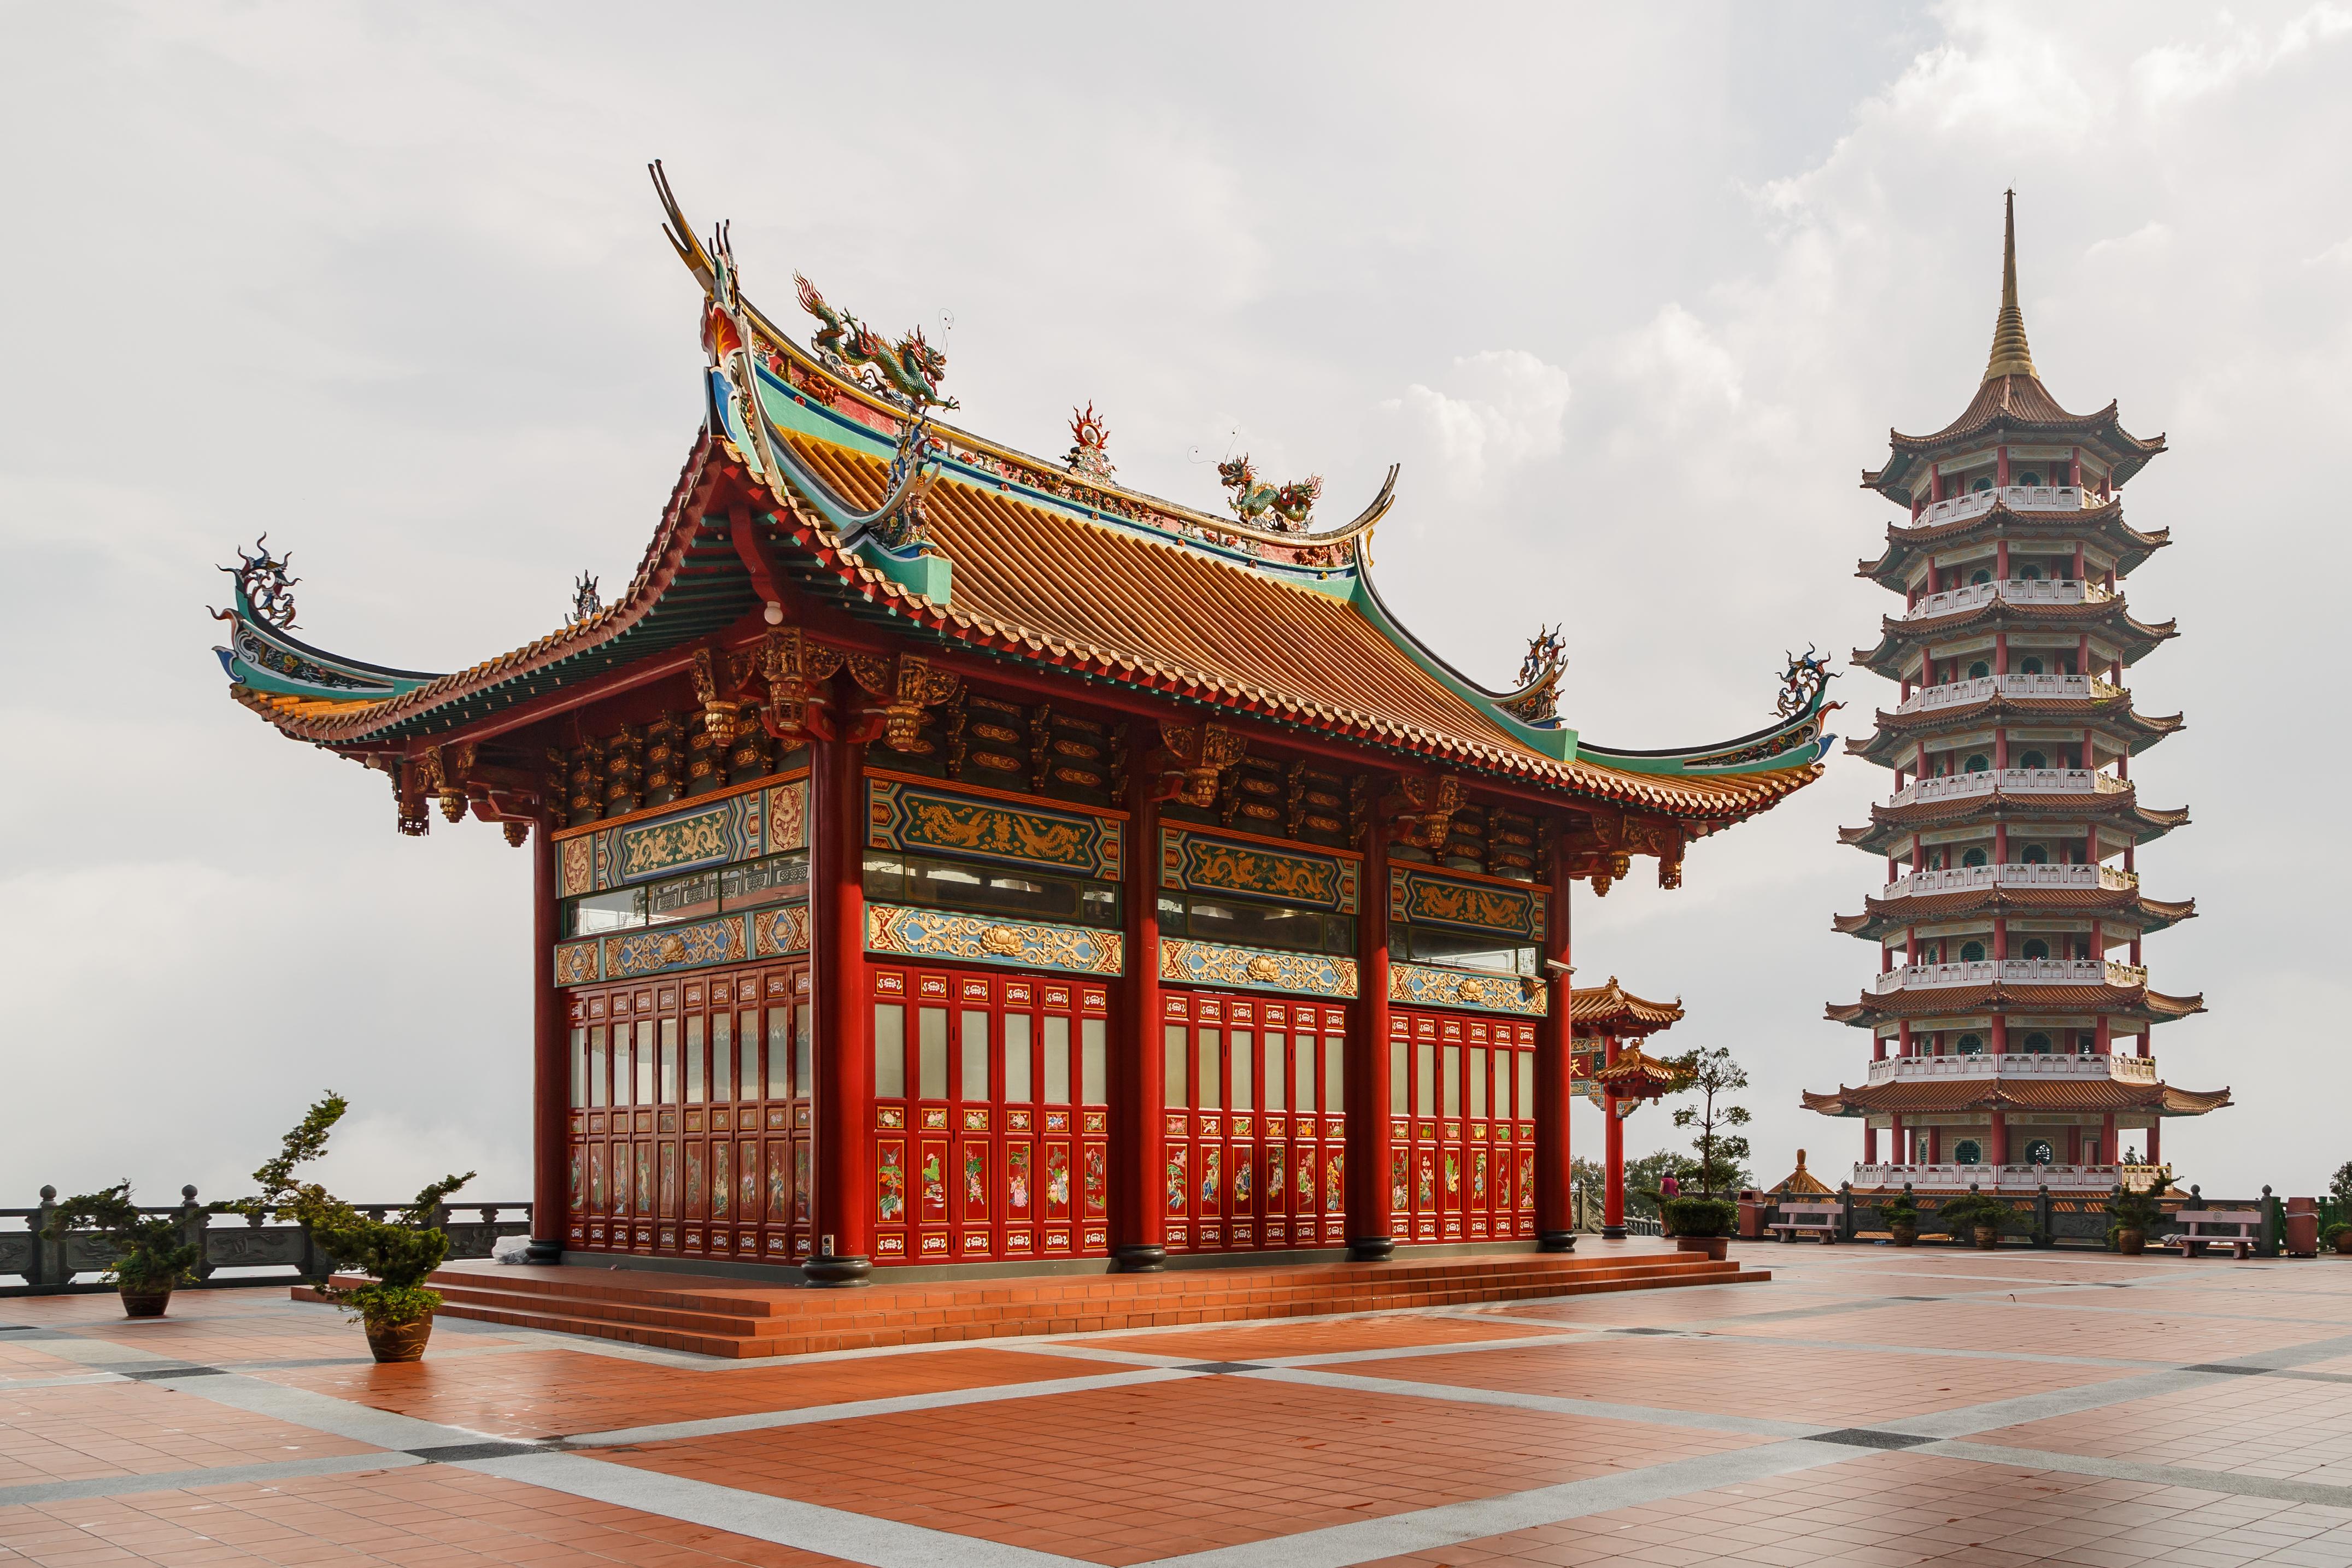 Tham quan chùa Chin Swee